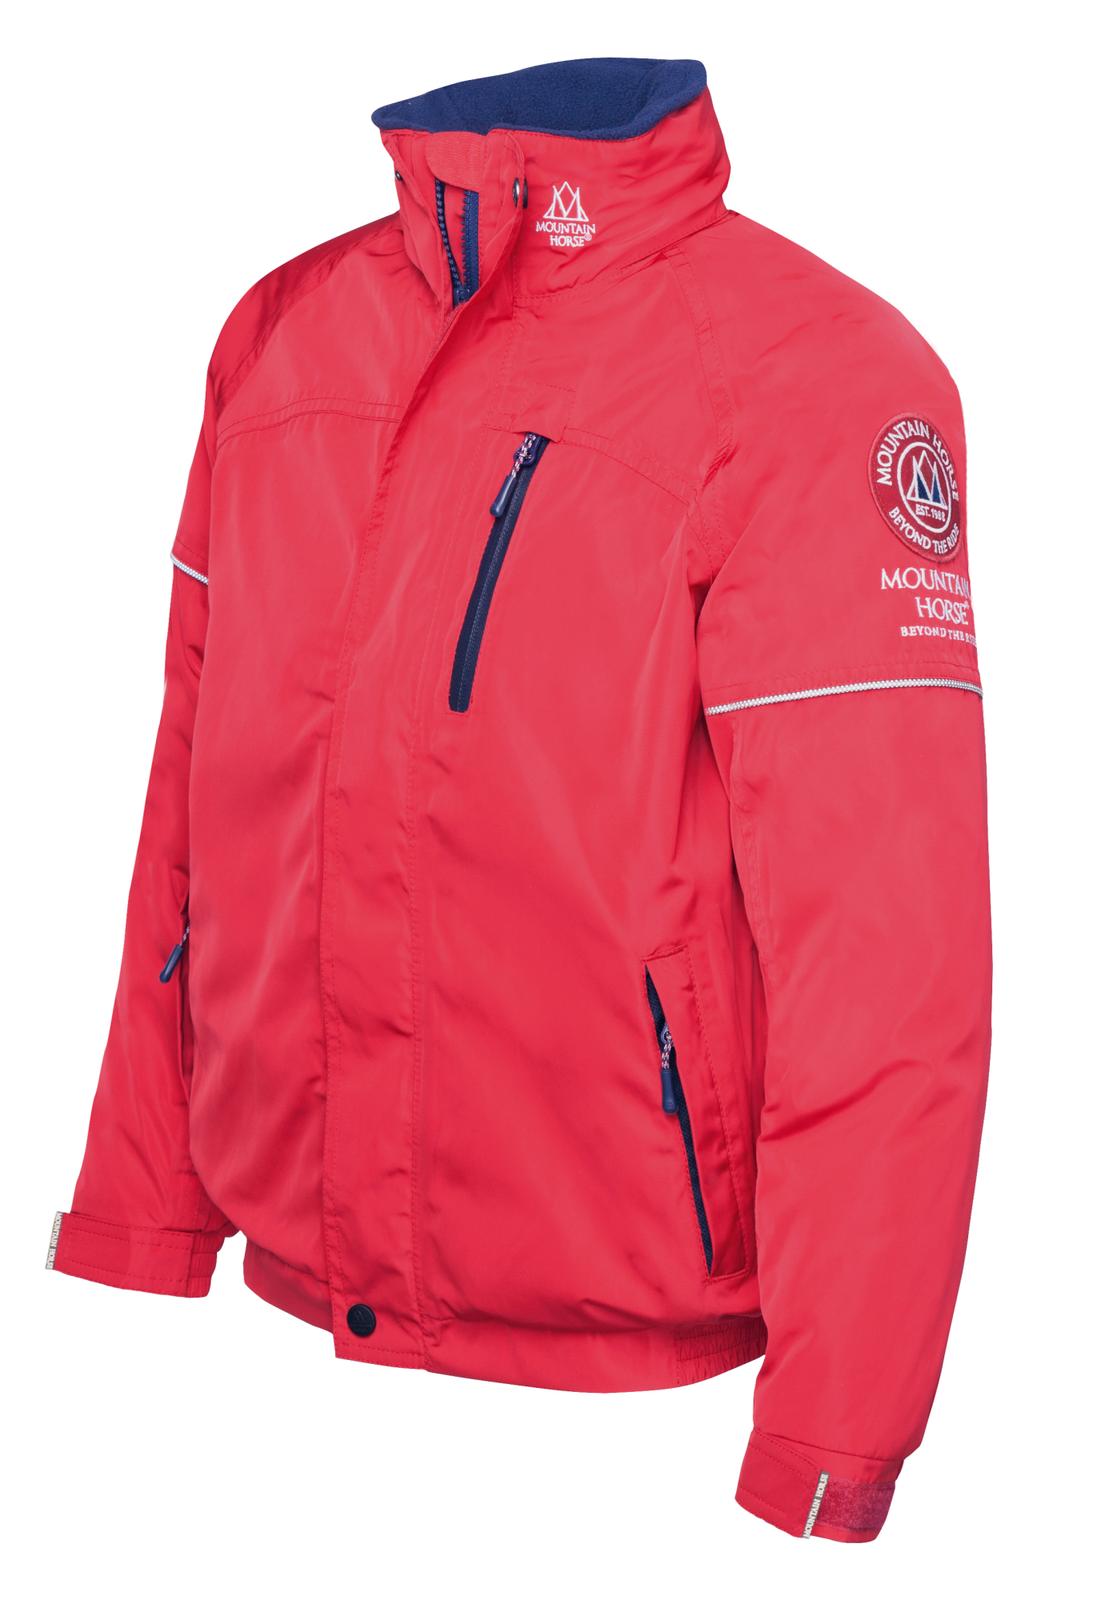 Mountain Horse Junior per bambini Team giaccaRoyal rosso